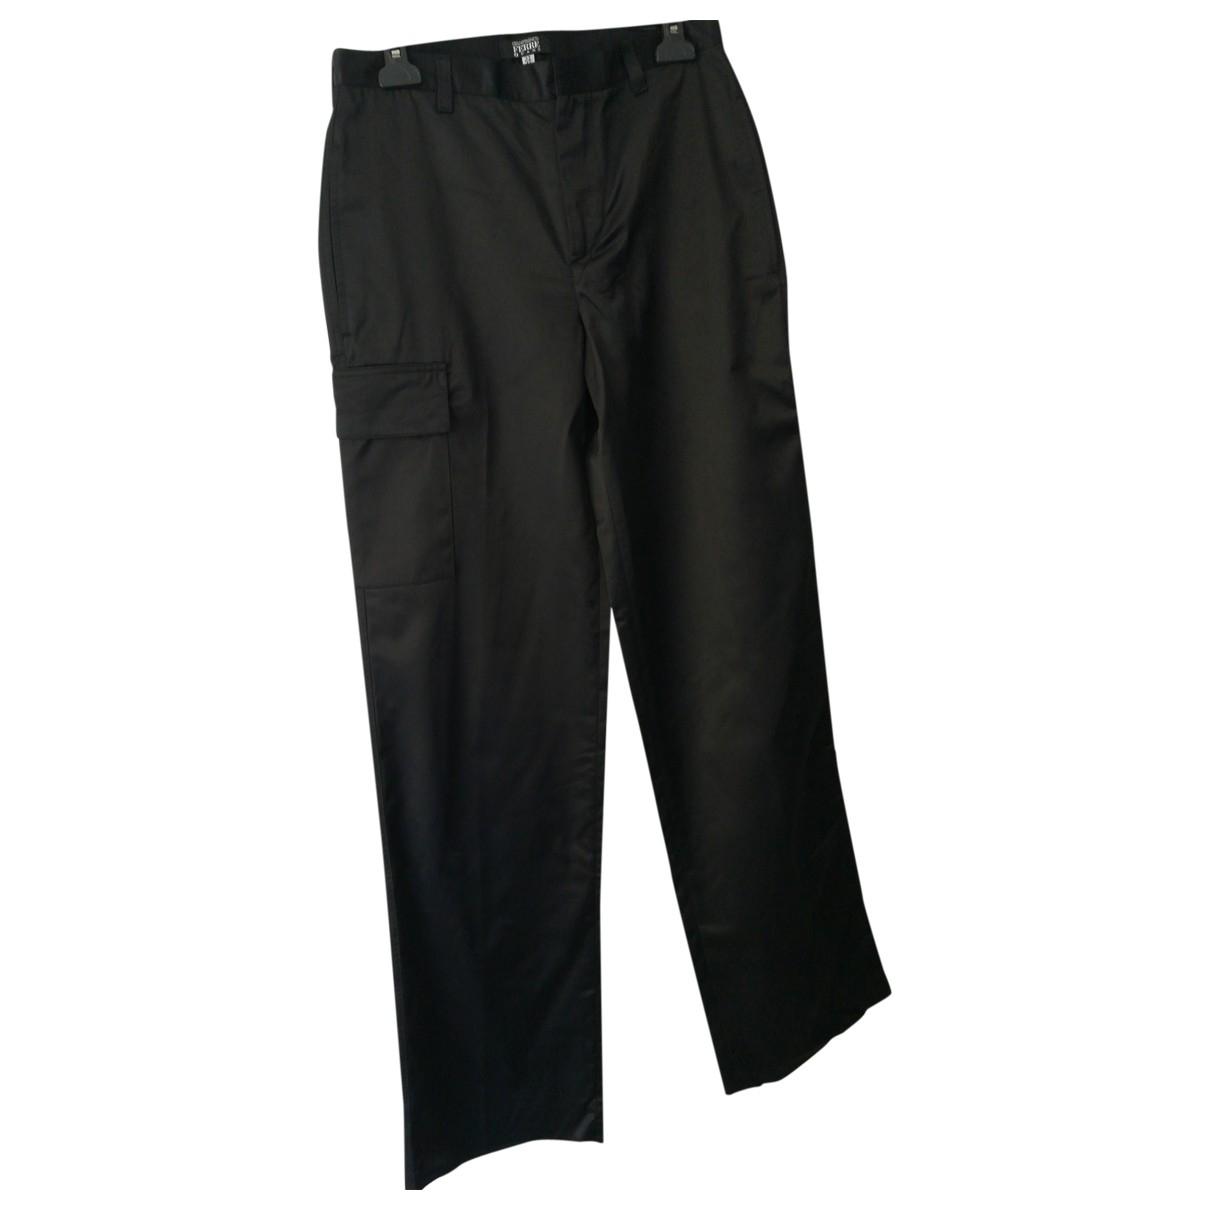 Gianfranco Ferré \N Black Cotton Trousers for Men 46 IT